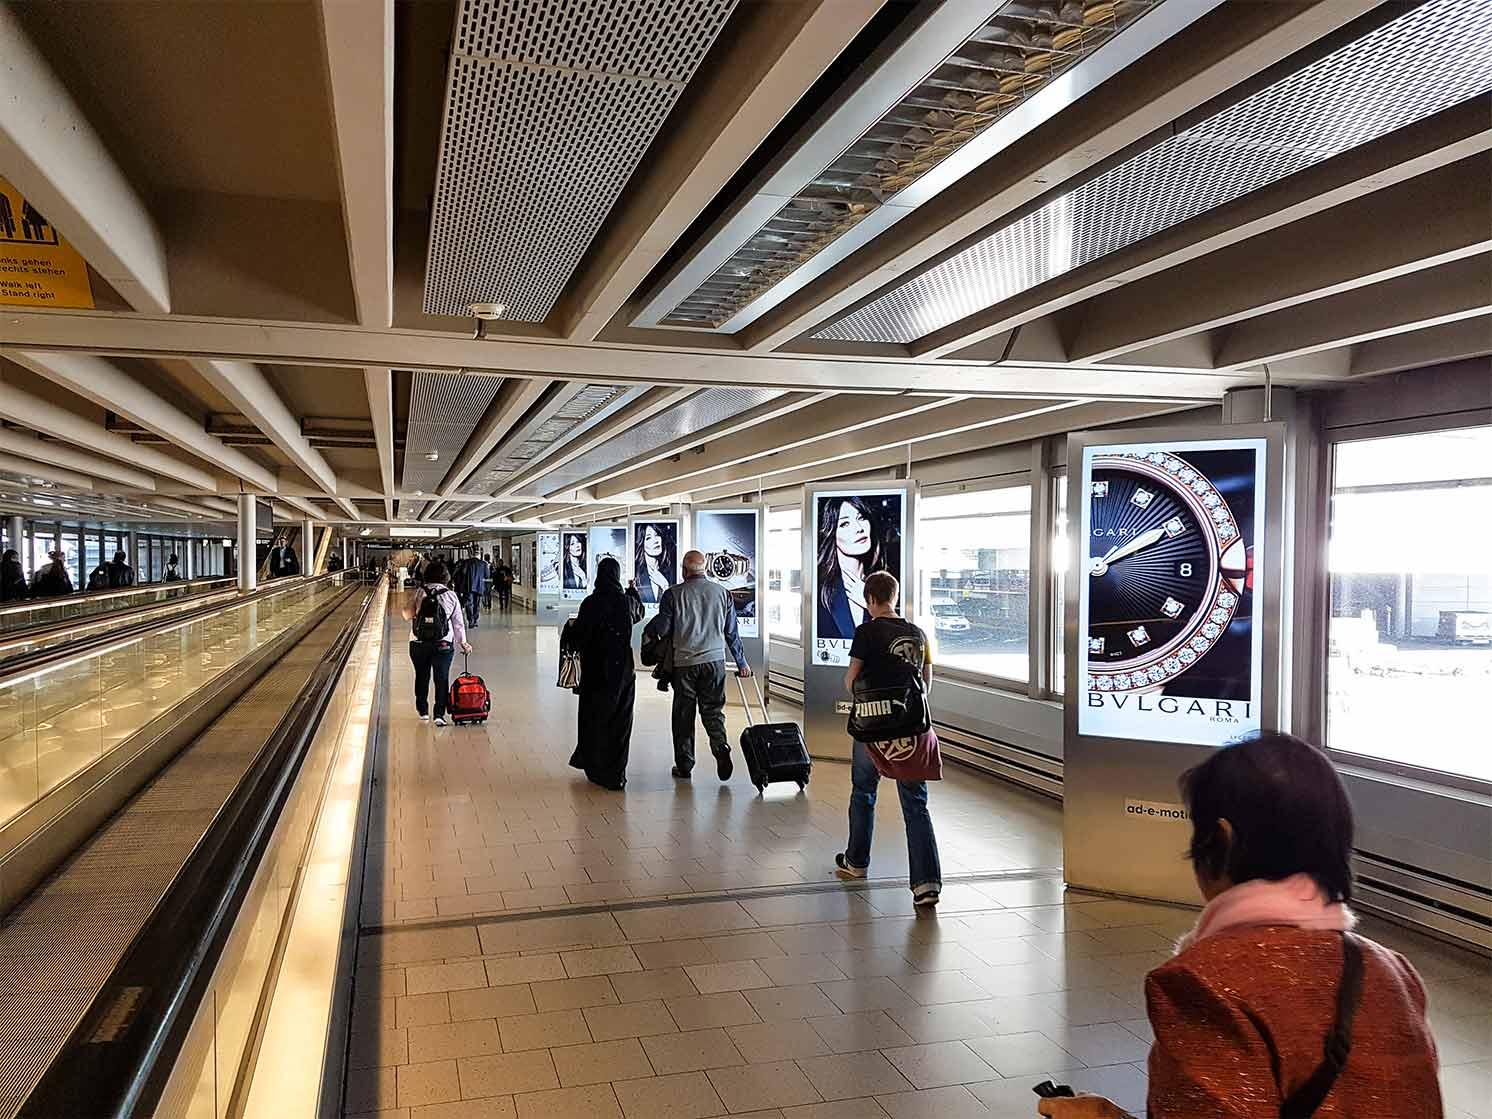 bulgari airport